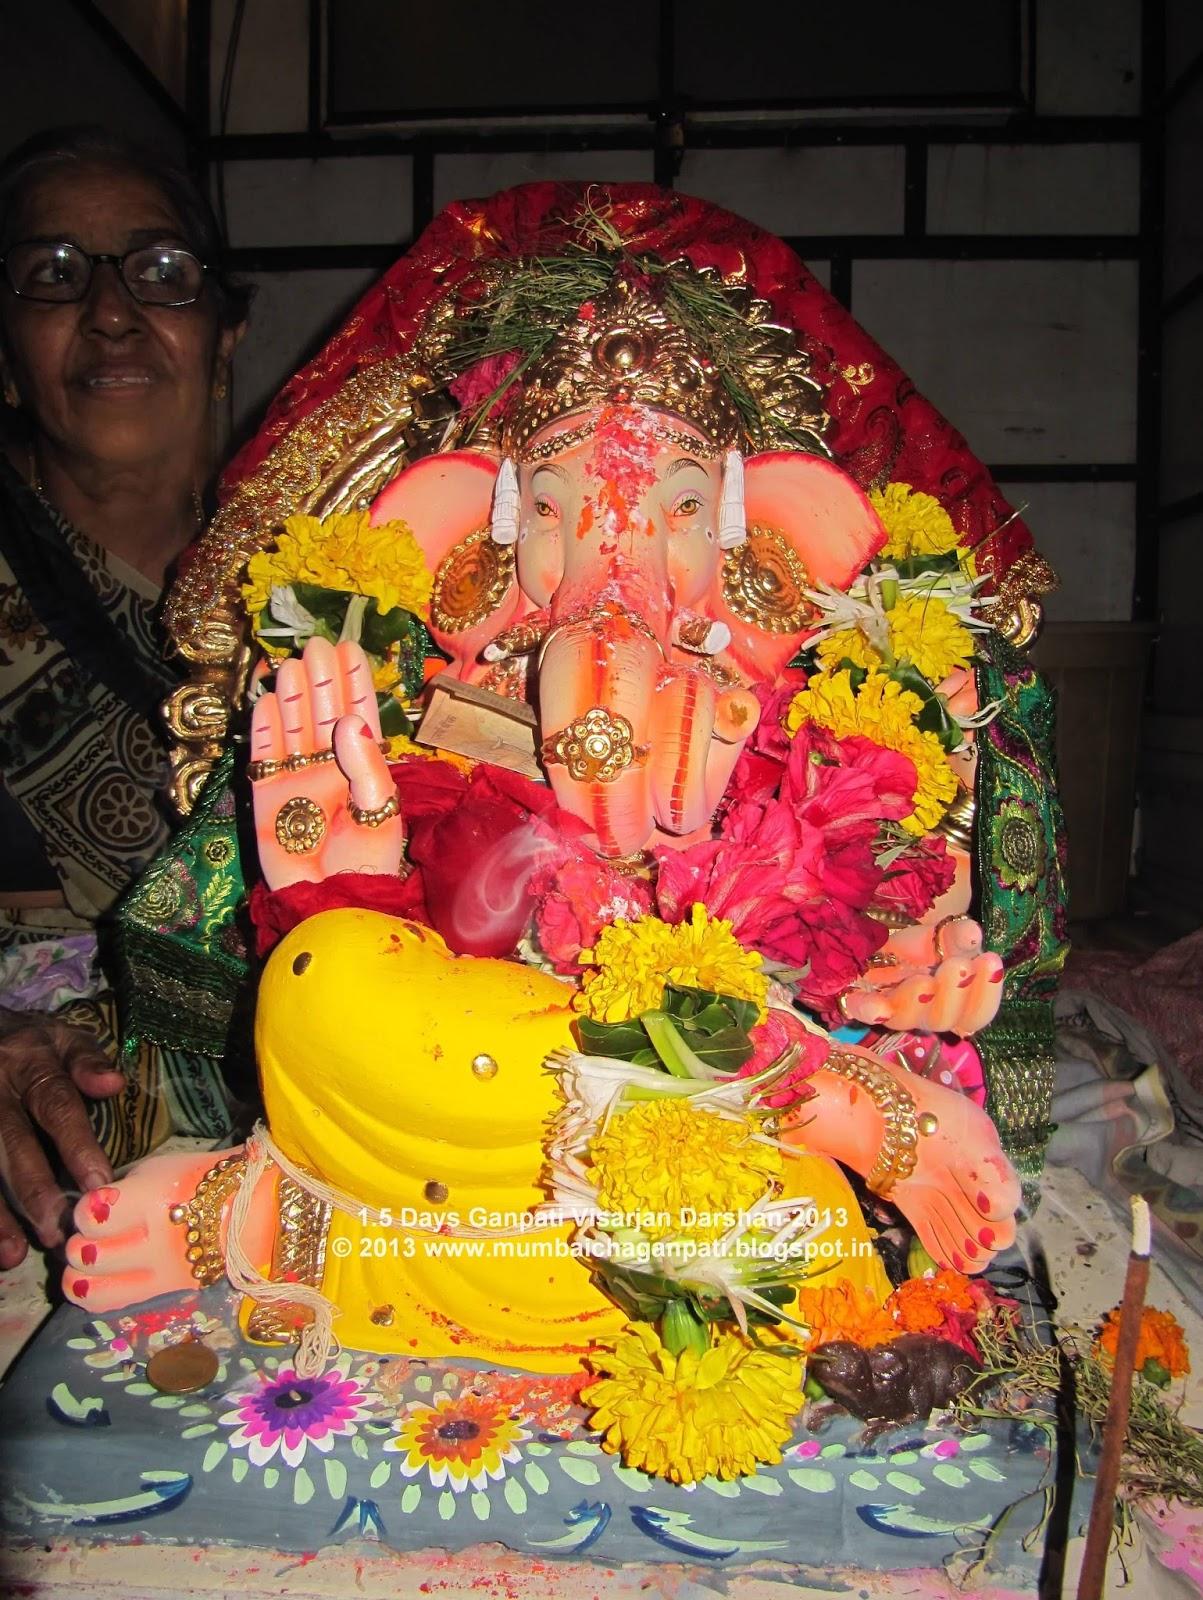 Visarjan 1.5 Days Ganpati Darshan Dt. 10-9-2013